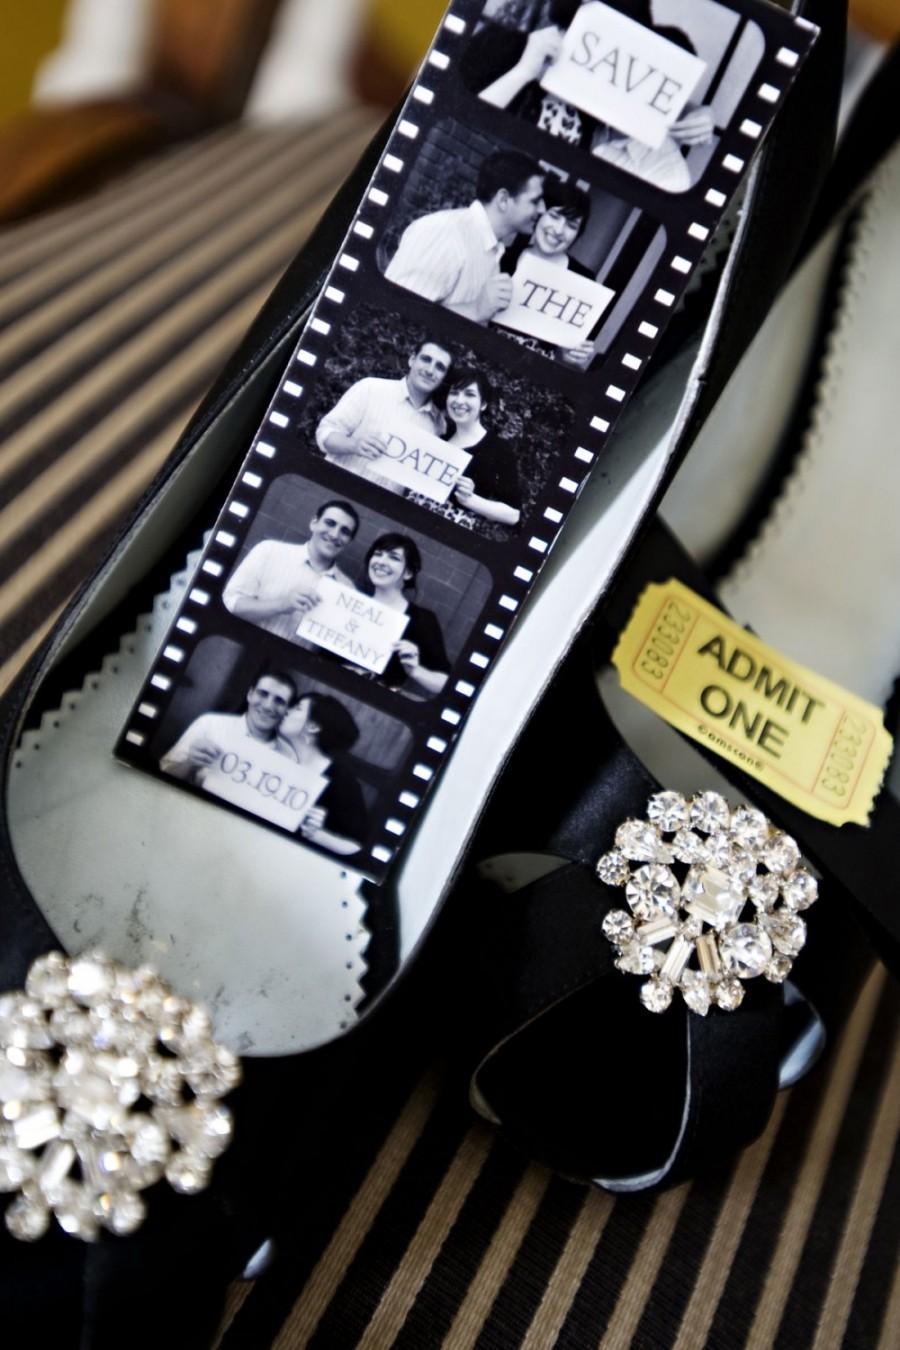 زفاف - Save The Date Photo Booth Film Strip Magnet